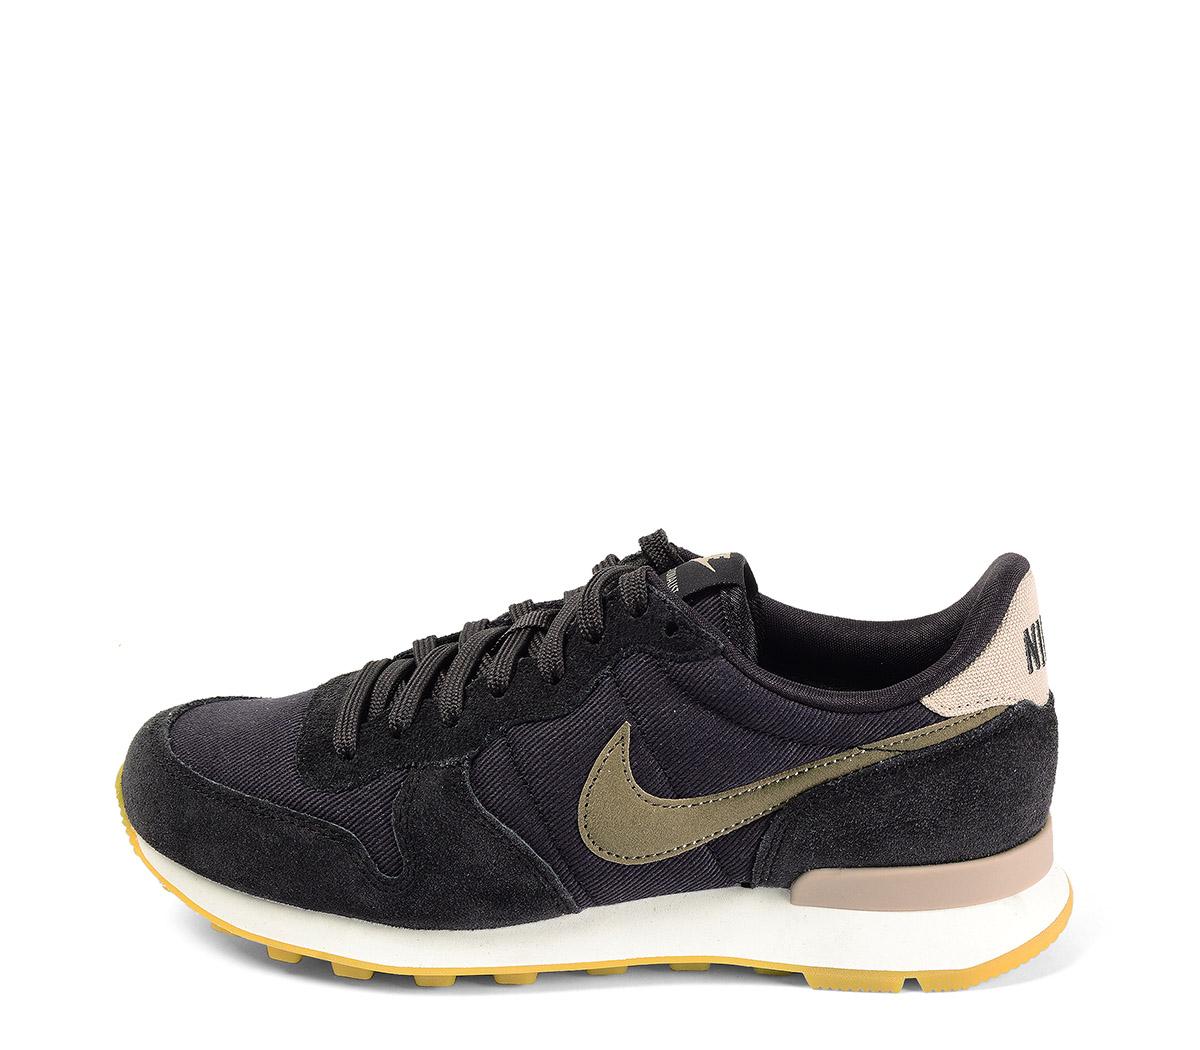 Ref. 4022 Nike Internationalist serraje gris oscuro combiado con tela y simbolo marrón. Suela blanca y caramelo.